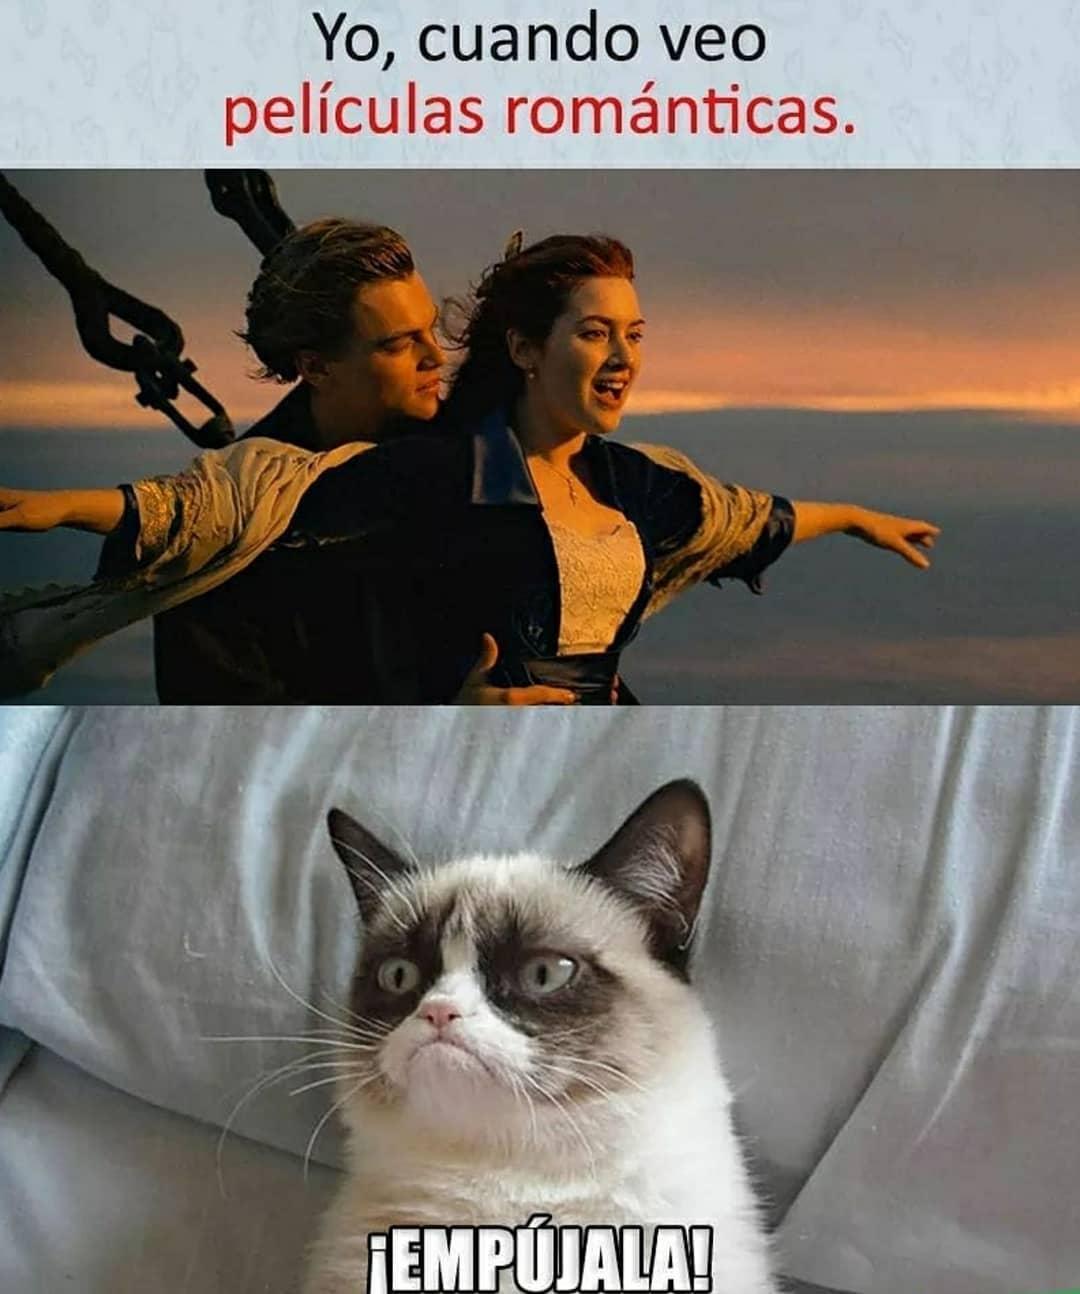 Yo cuando veo películas románticas. ¡Empújala!